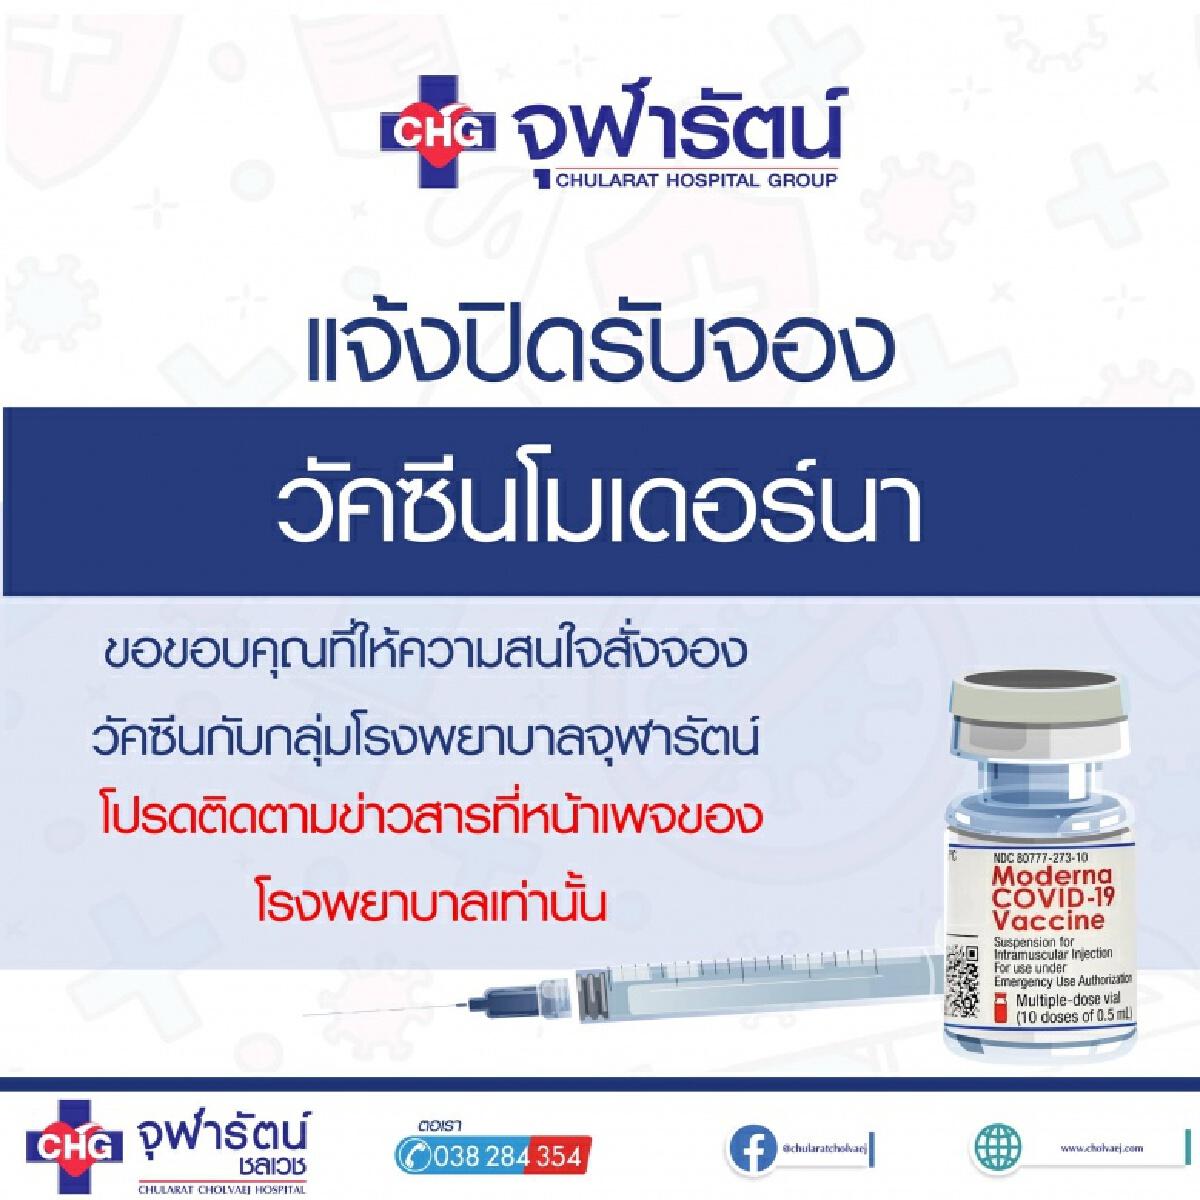 จองวัคซีนทางเลือก, โมเดอร์นา, Moderna, วัคซีนทางเลือก, วัคซีน โควิด-19, จอง, โควิด-19, ซิโนแวค, Sinovac, แอสตร้าเซนเนก้า, AstraZeneca, สายพันธุ์เดลตา